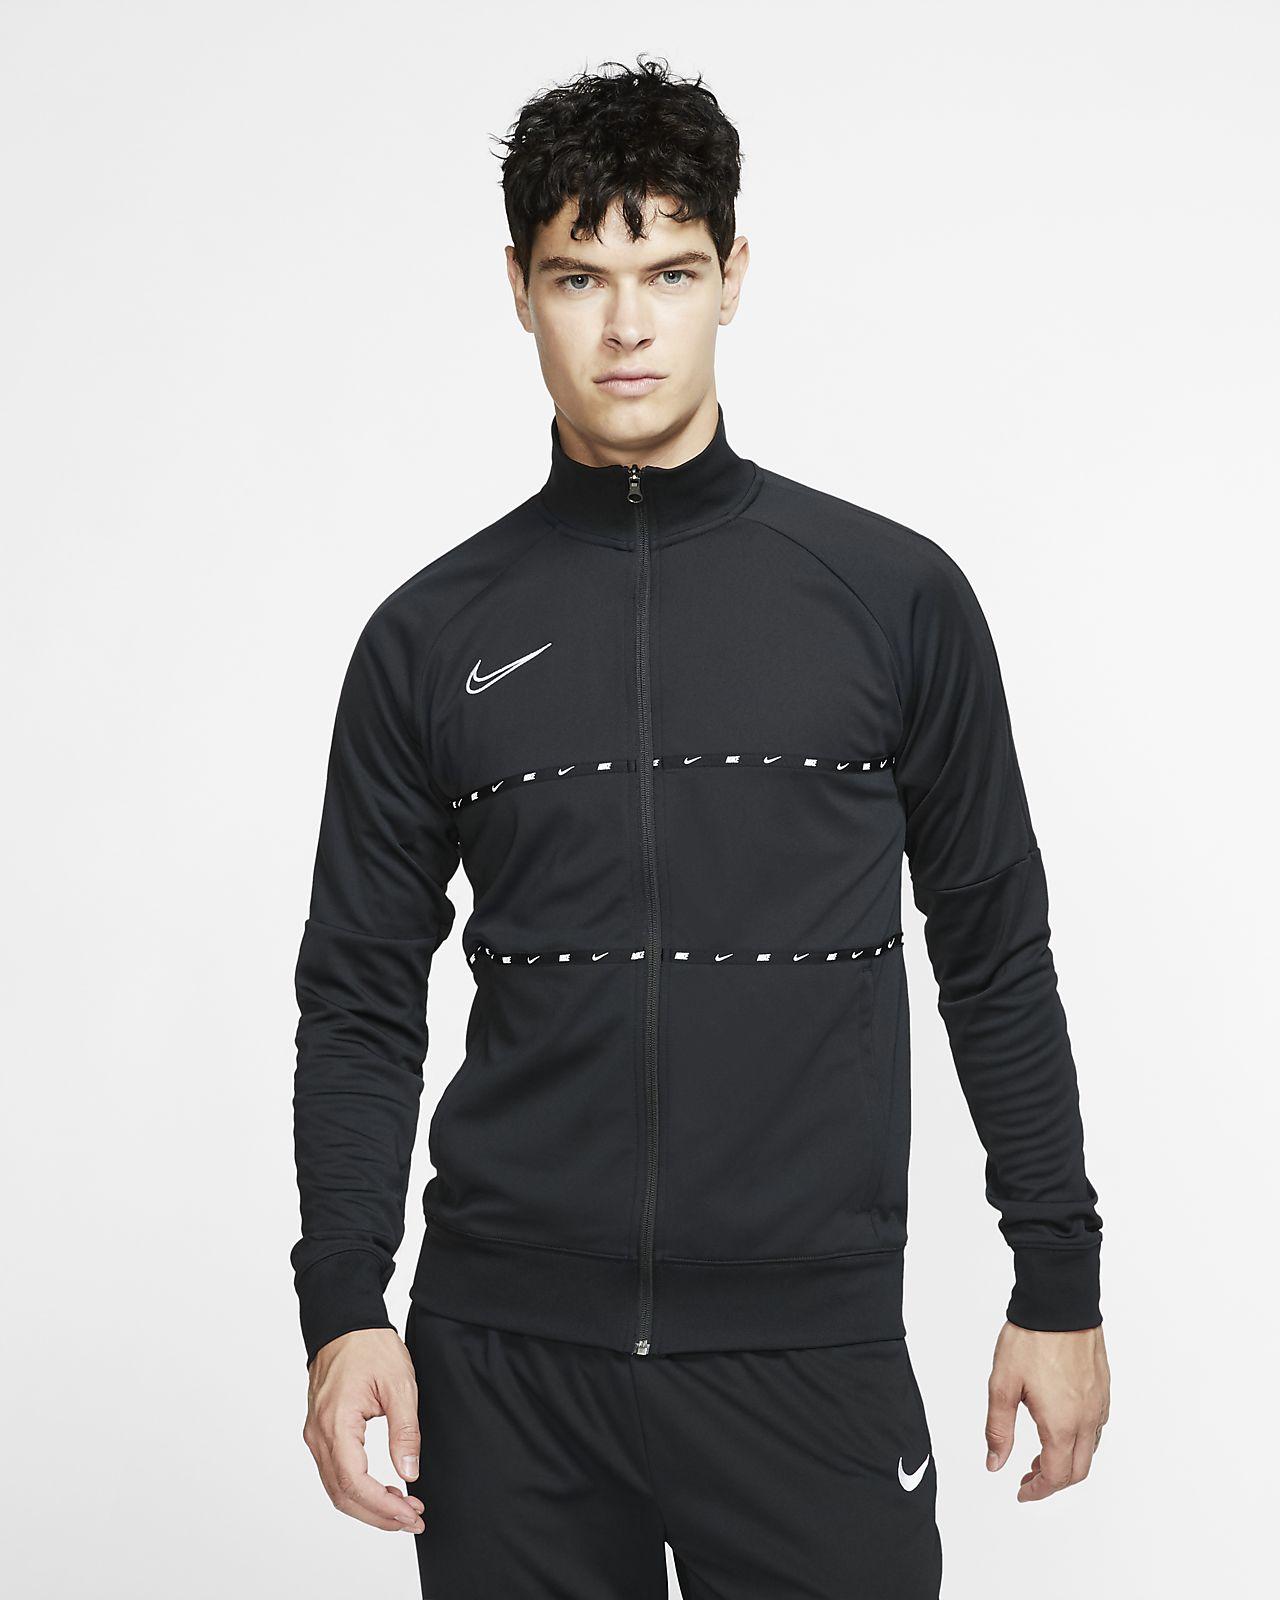 Męska kurtka piłkarska Nike Dri-FIT Academy